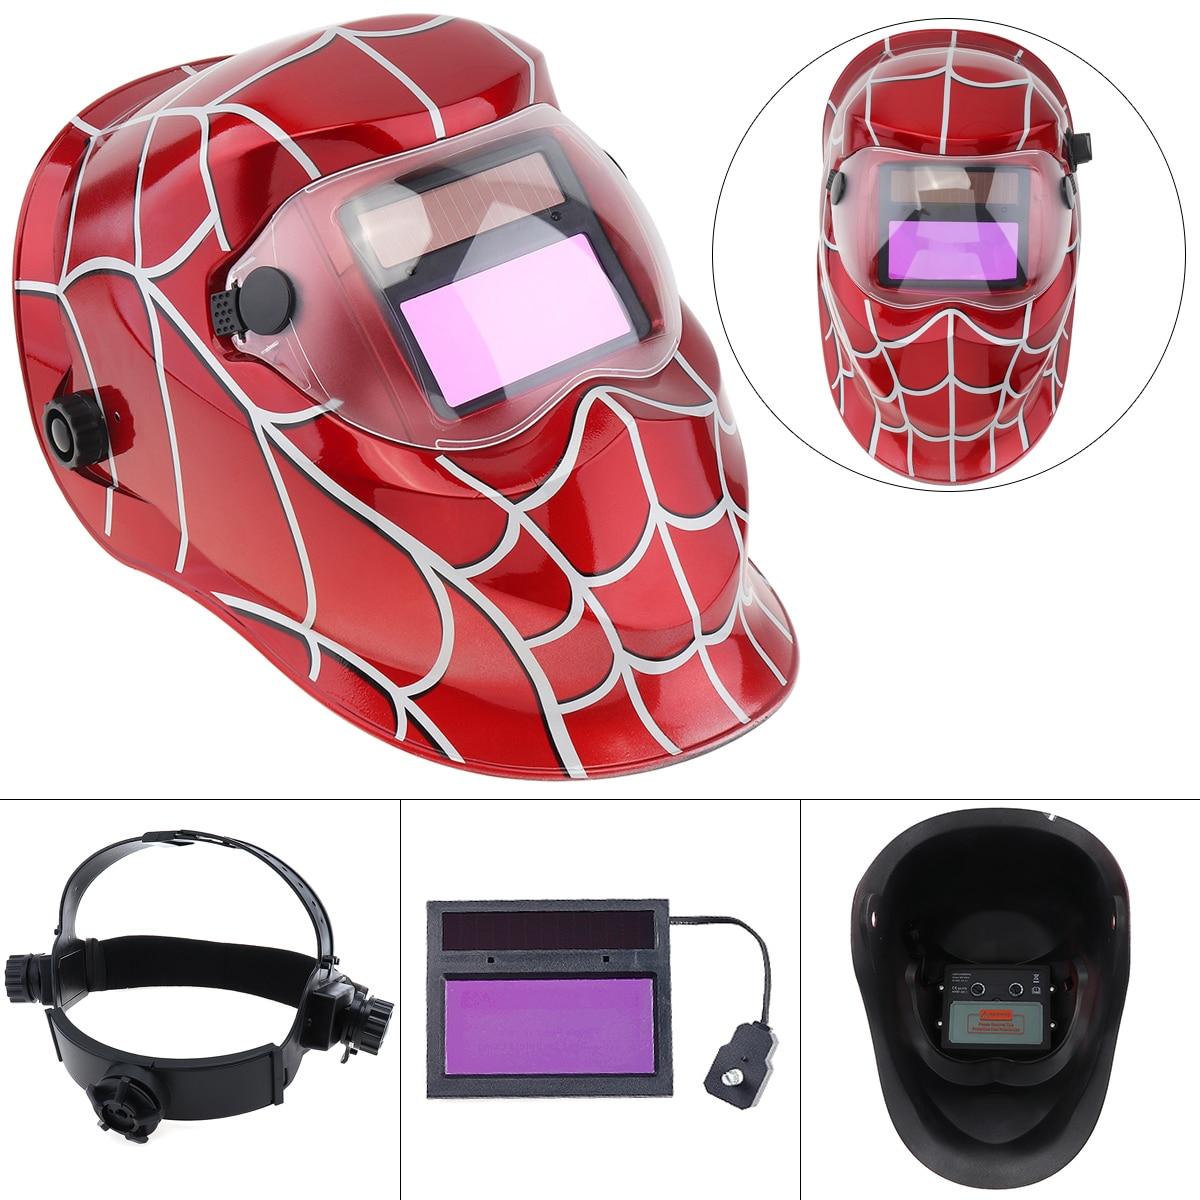 Сварочный шлем Автоматическая Замена Сварочная маска повязка Сварочная маска TIG маска-110 Красный сварочная маска зубр 11075